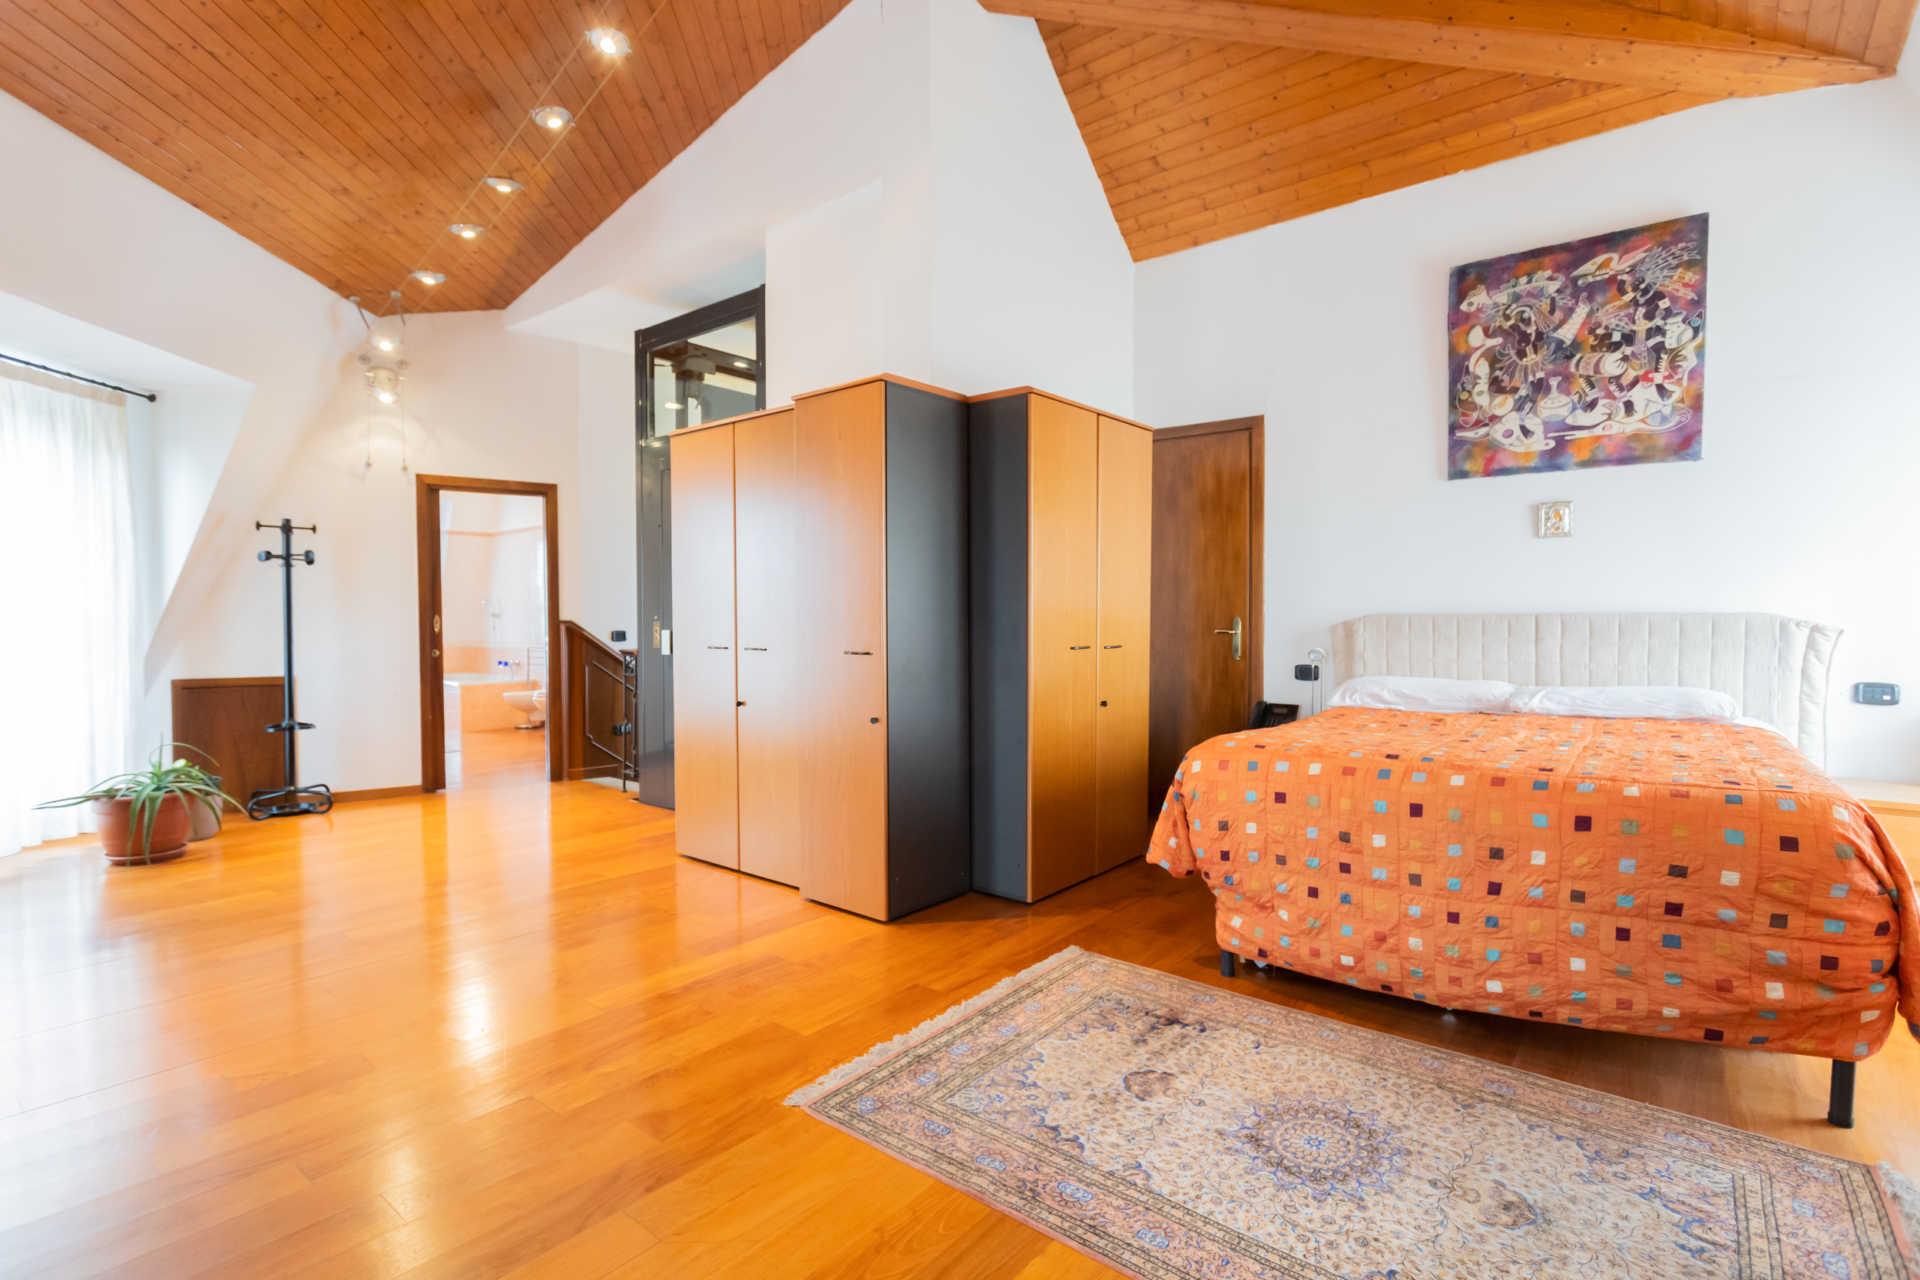 Villa-in-vendita-a-Cernusco-Lombardone (3)